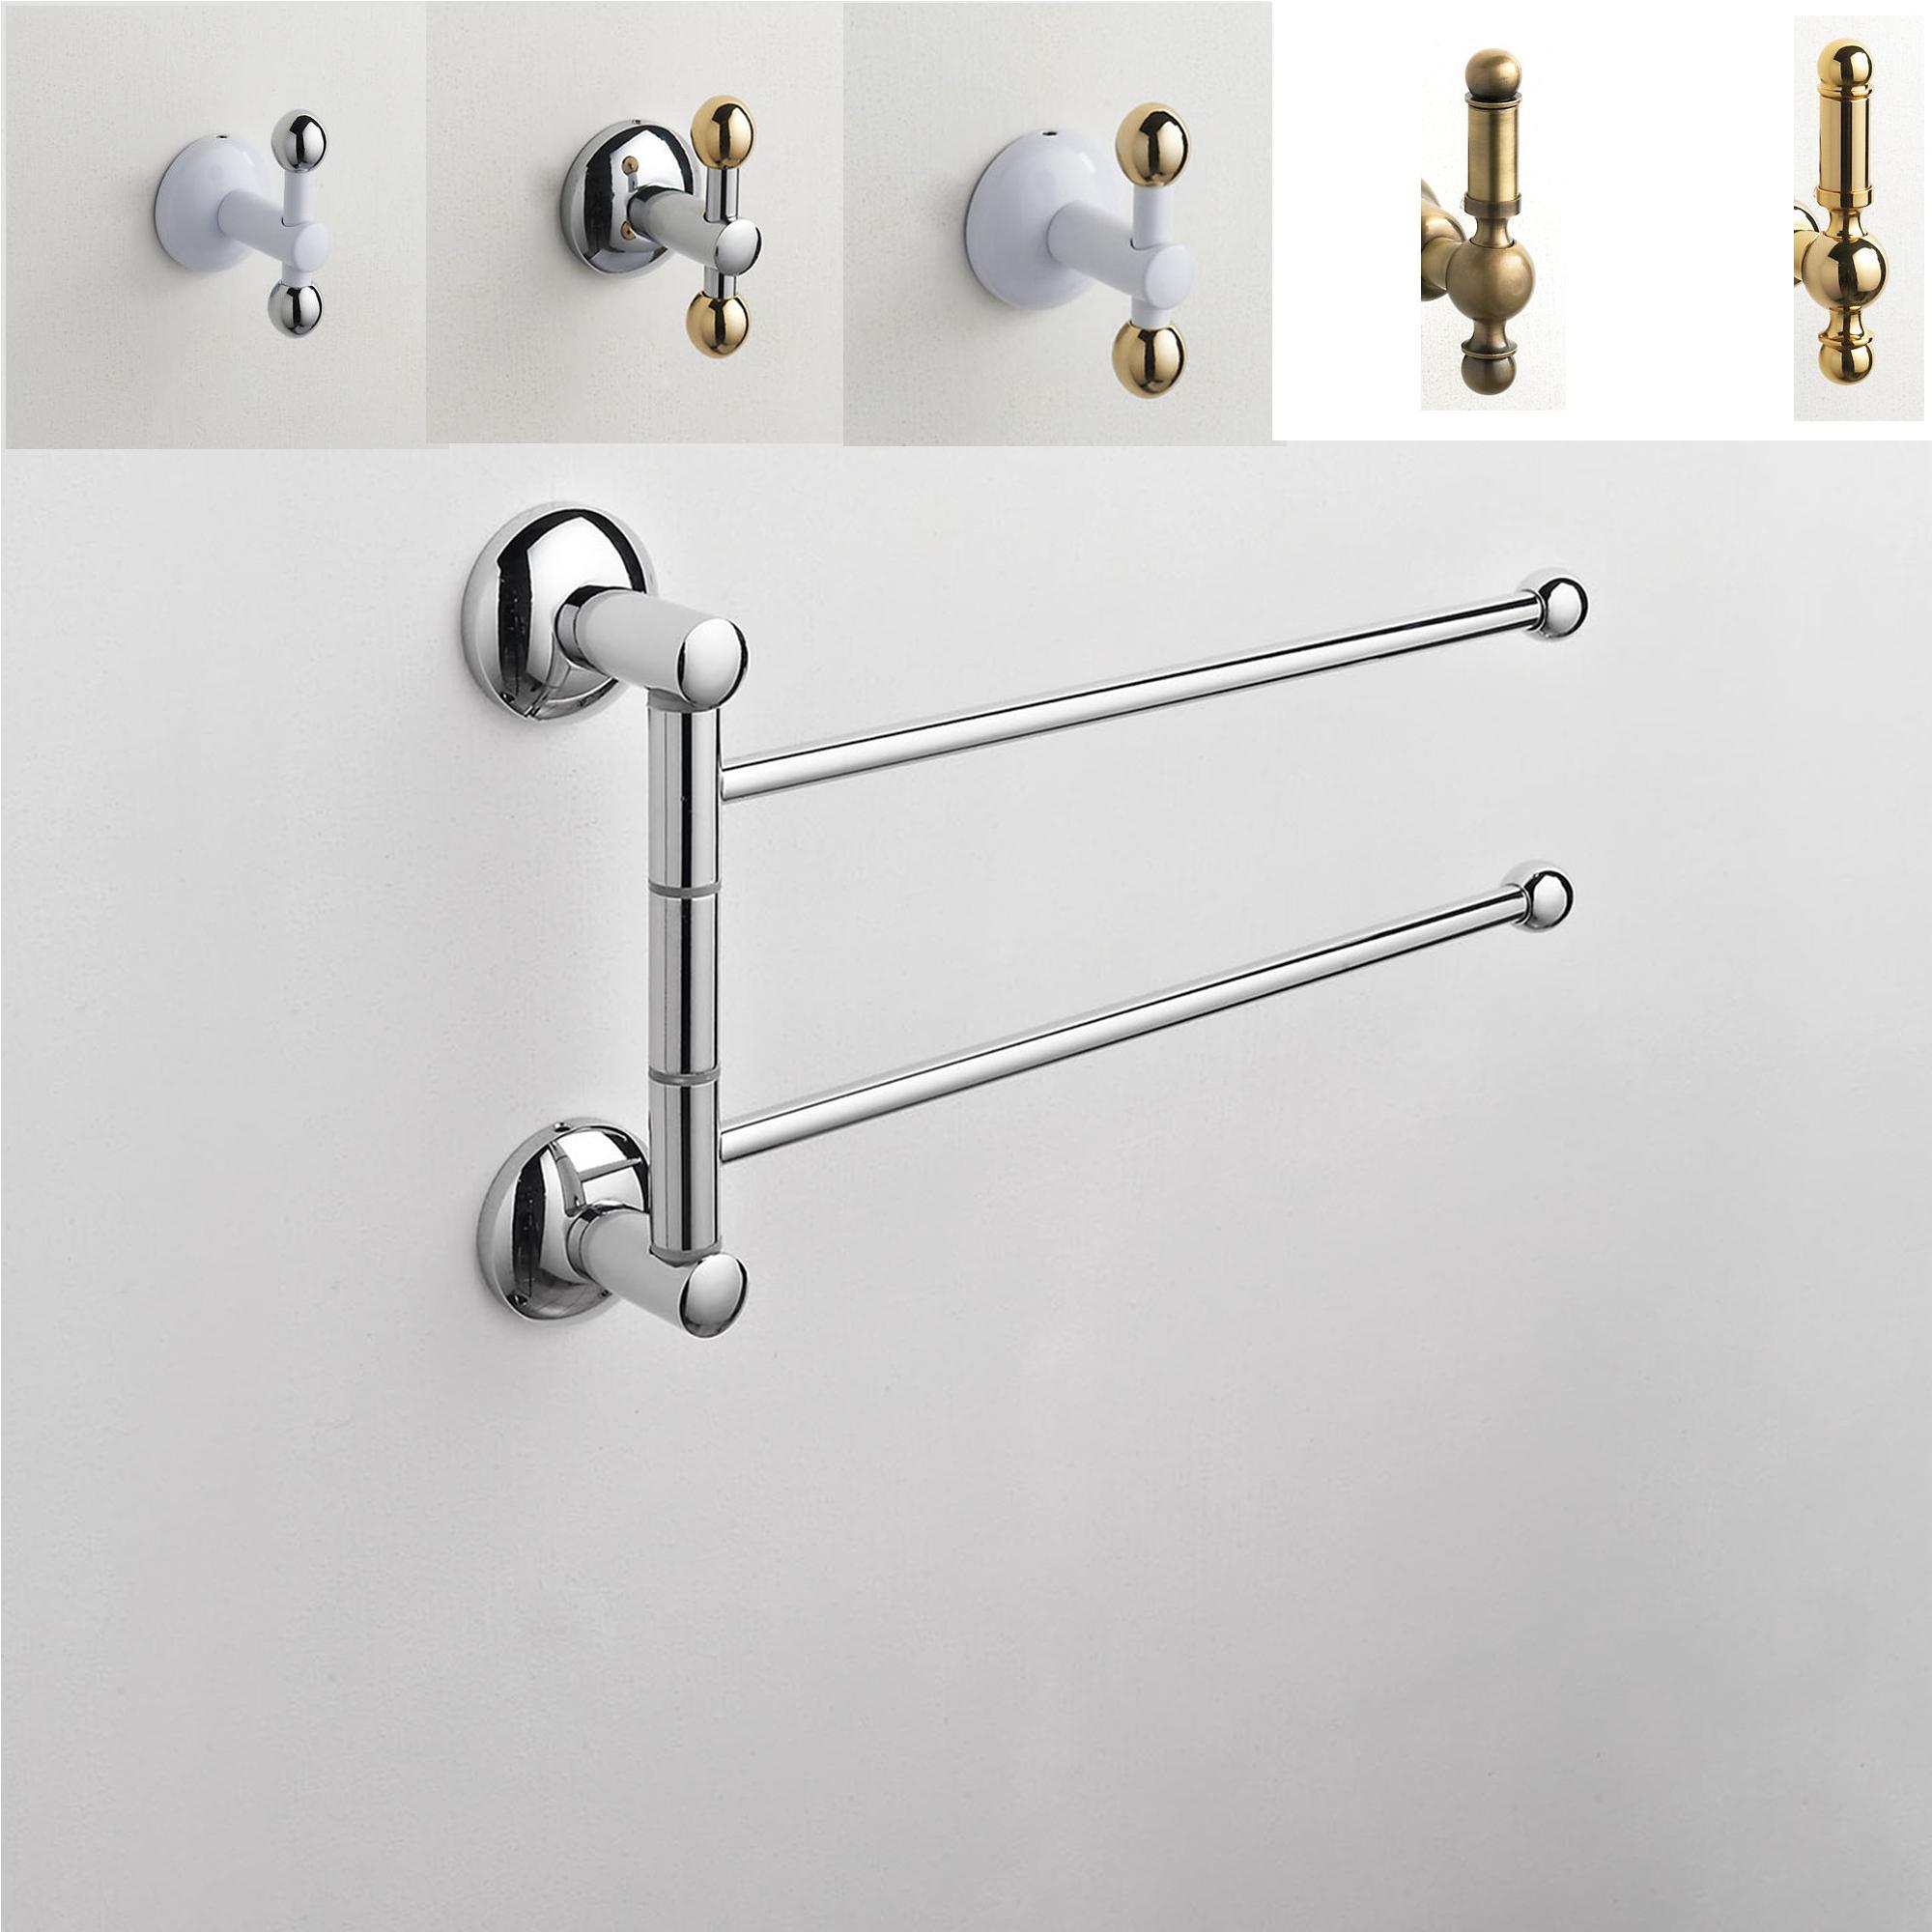 Porta asciugamano doppio da bagno zacinto 32x6xh20 cm in ottone cqubo stilcasa net - Porta asciugamano bagno ...